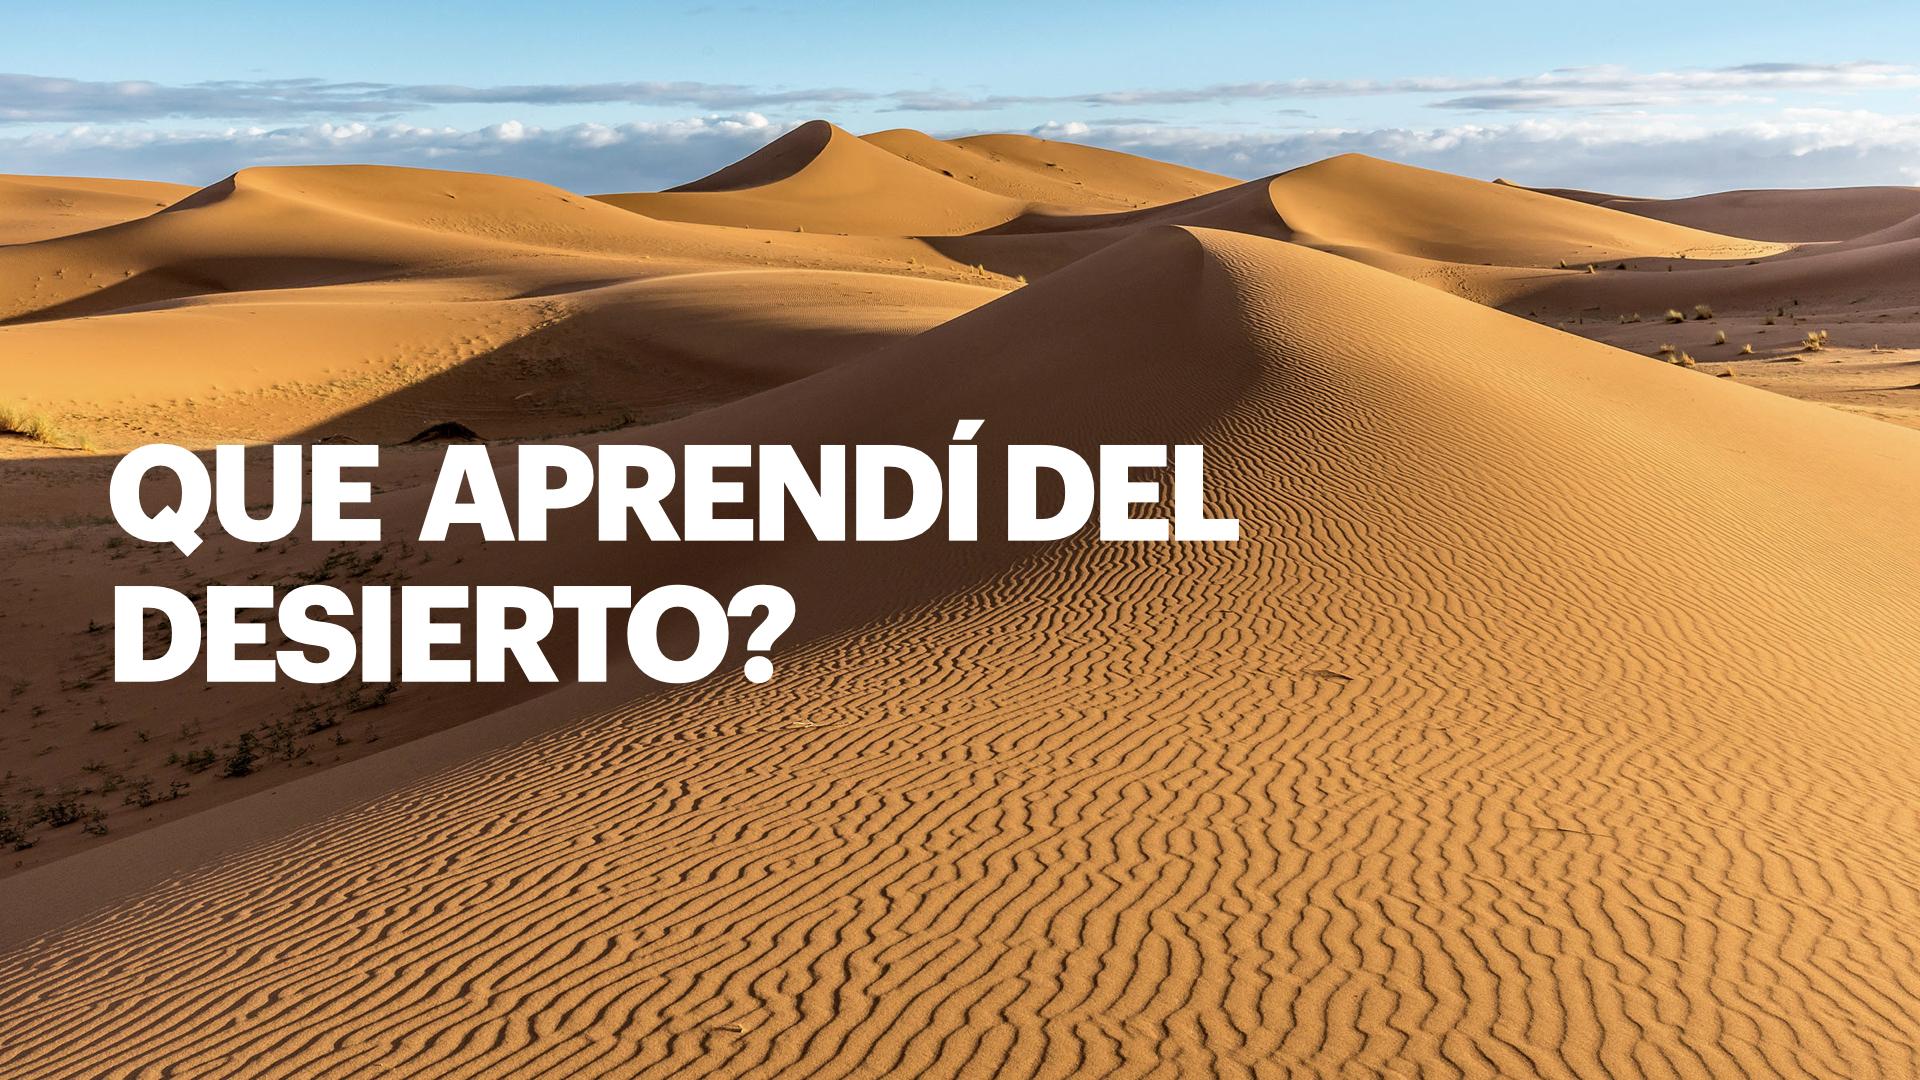 Que aprendí del desierto?